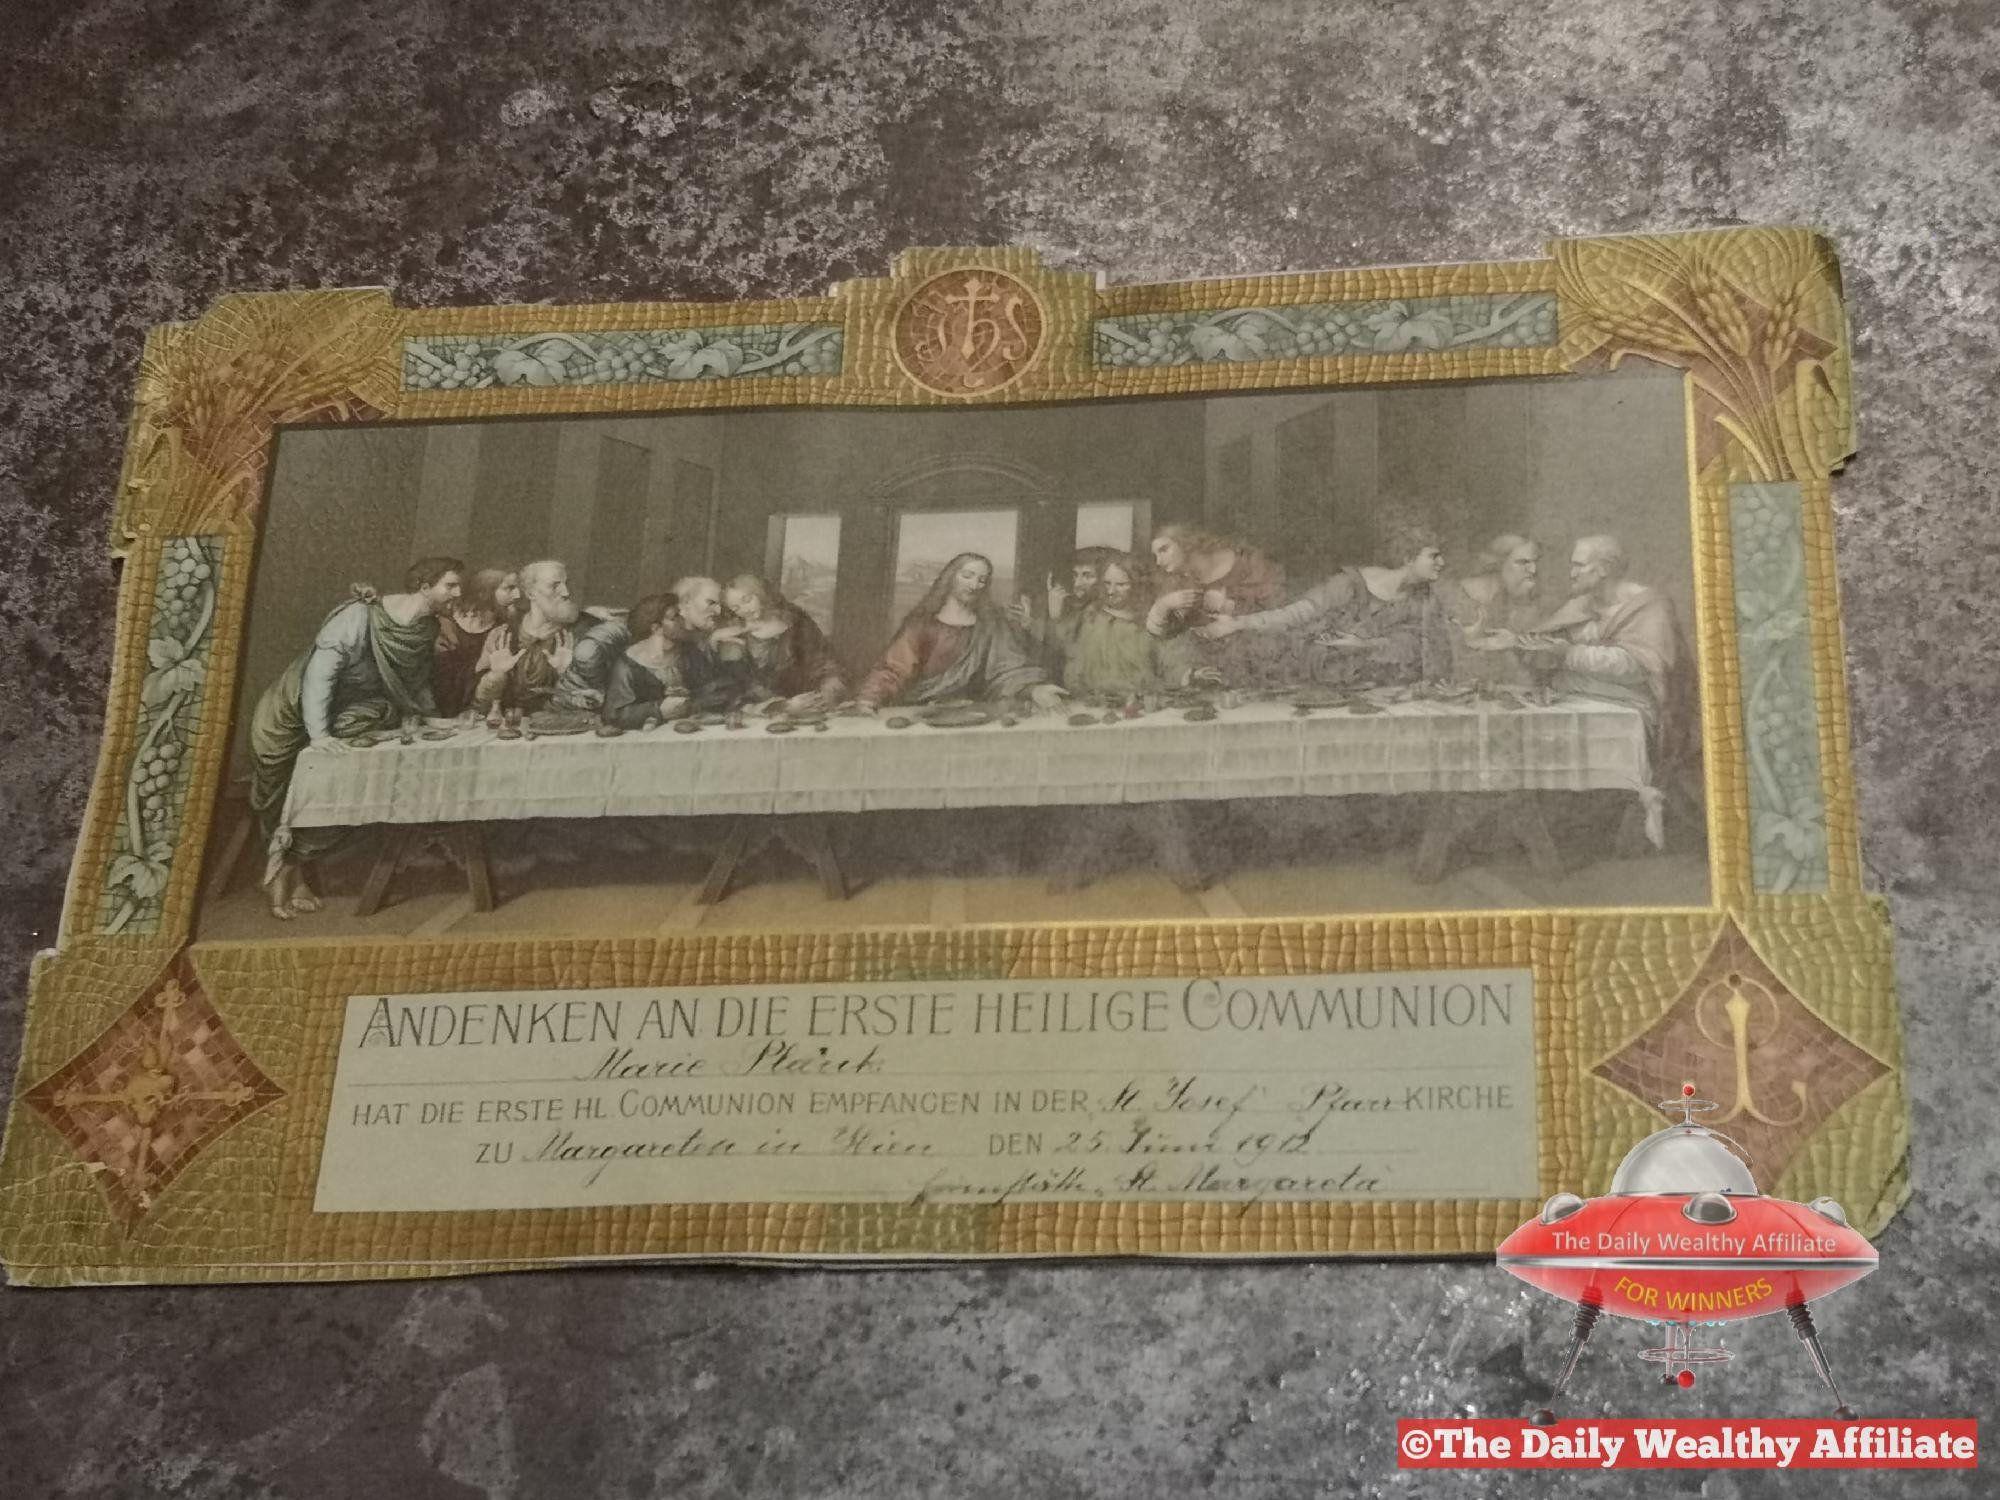 1912 Andenken an Die Erste Heilige Kommunion Antique Document